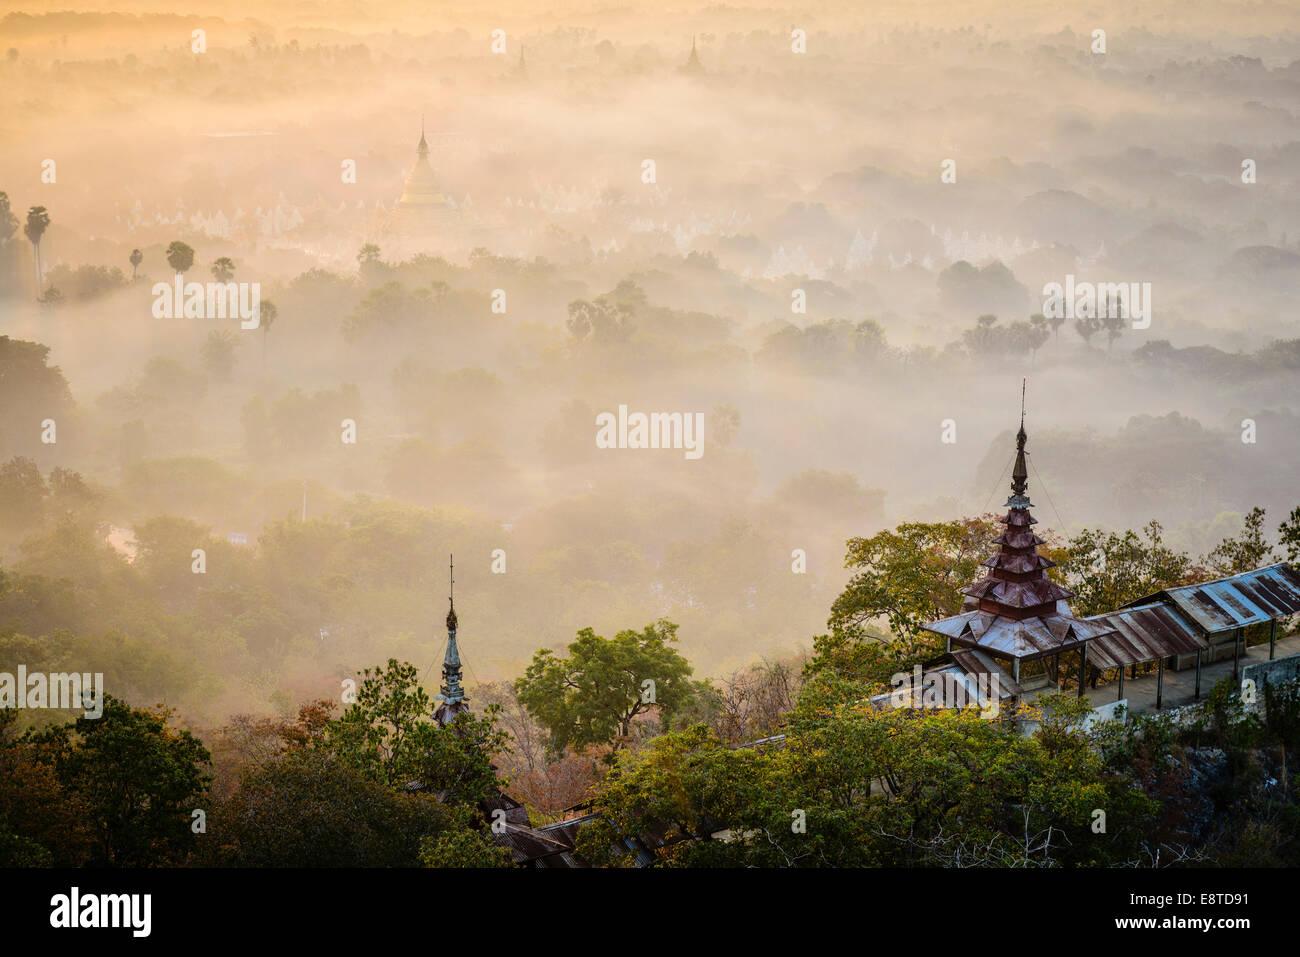 Fog over treetops, Mayanmar, Mandalay, Myanmar - Stock Image